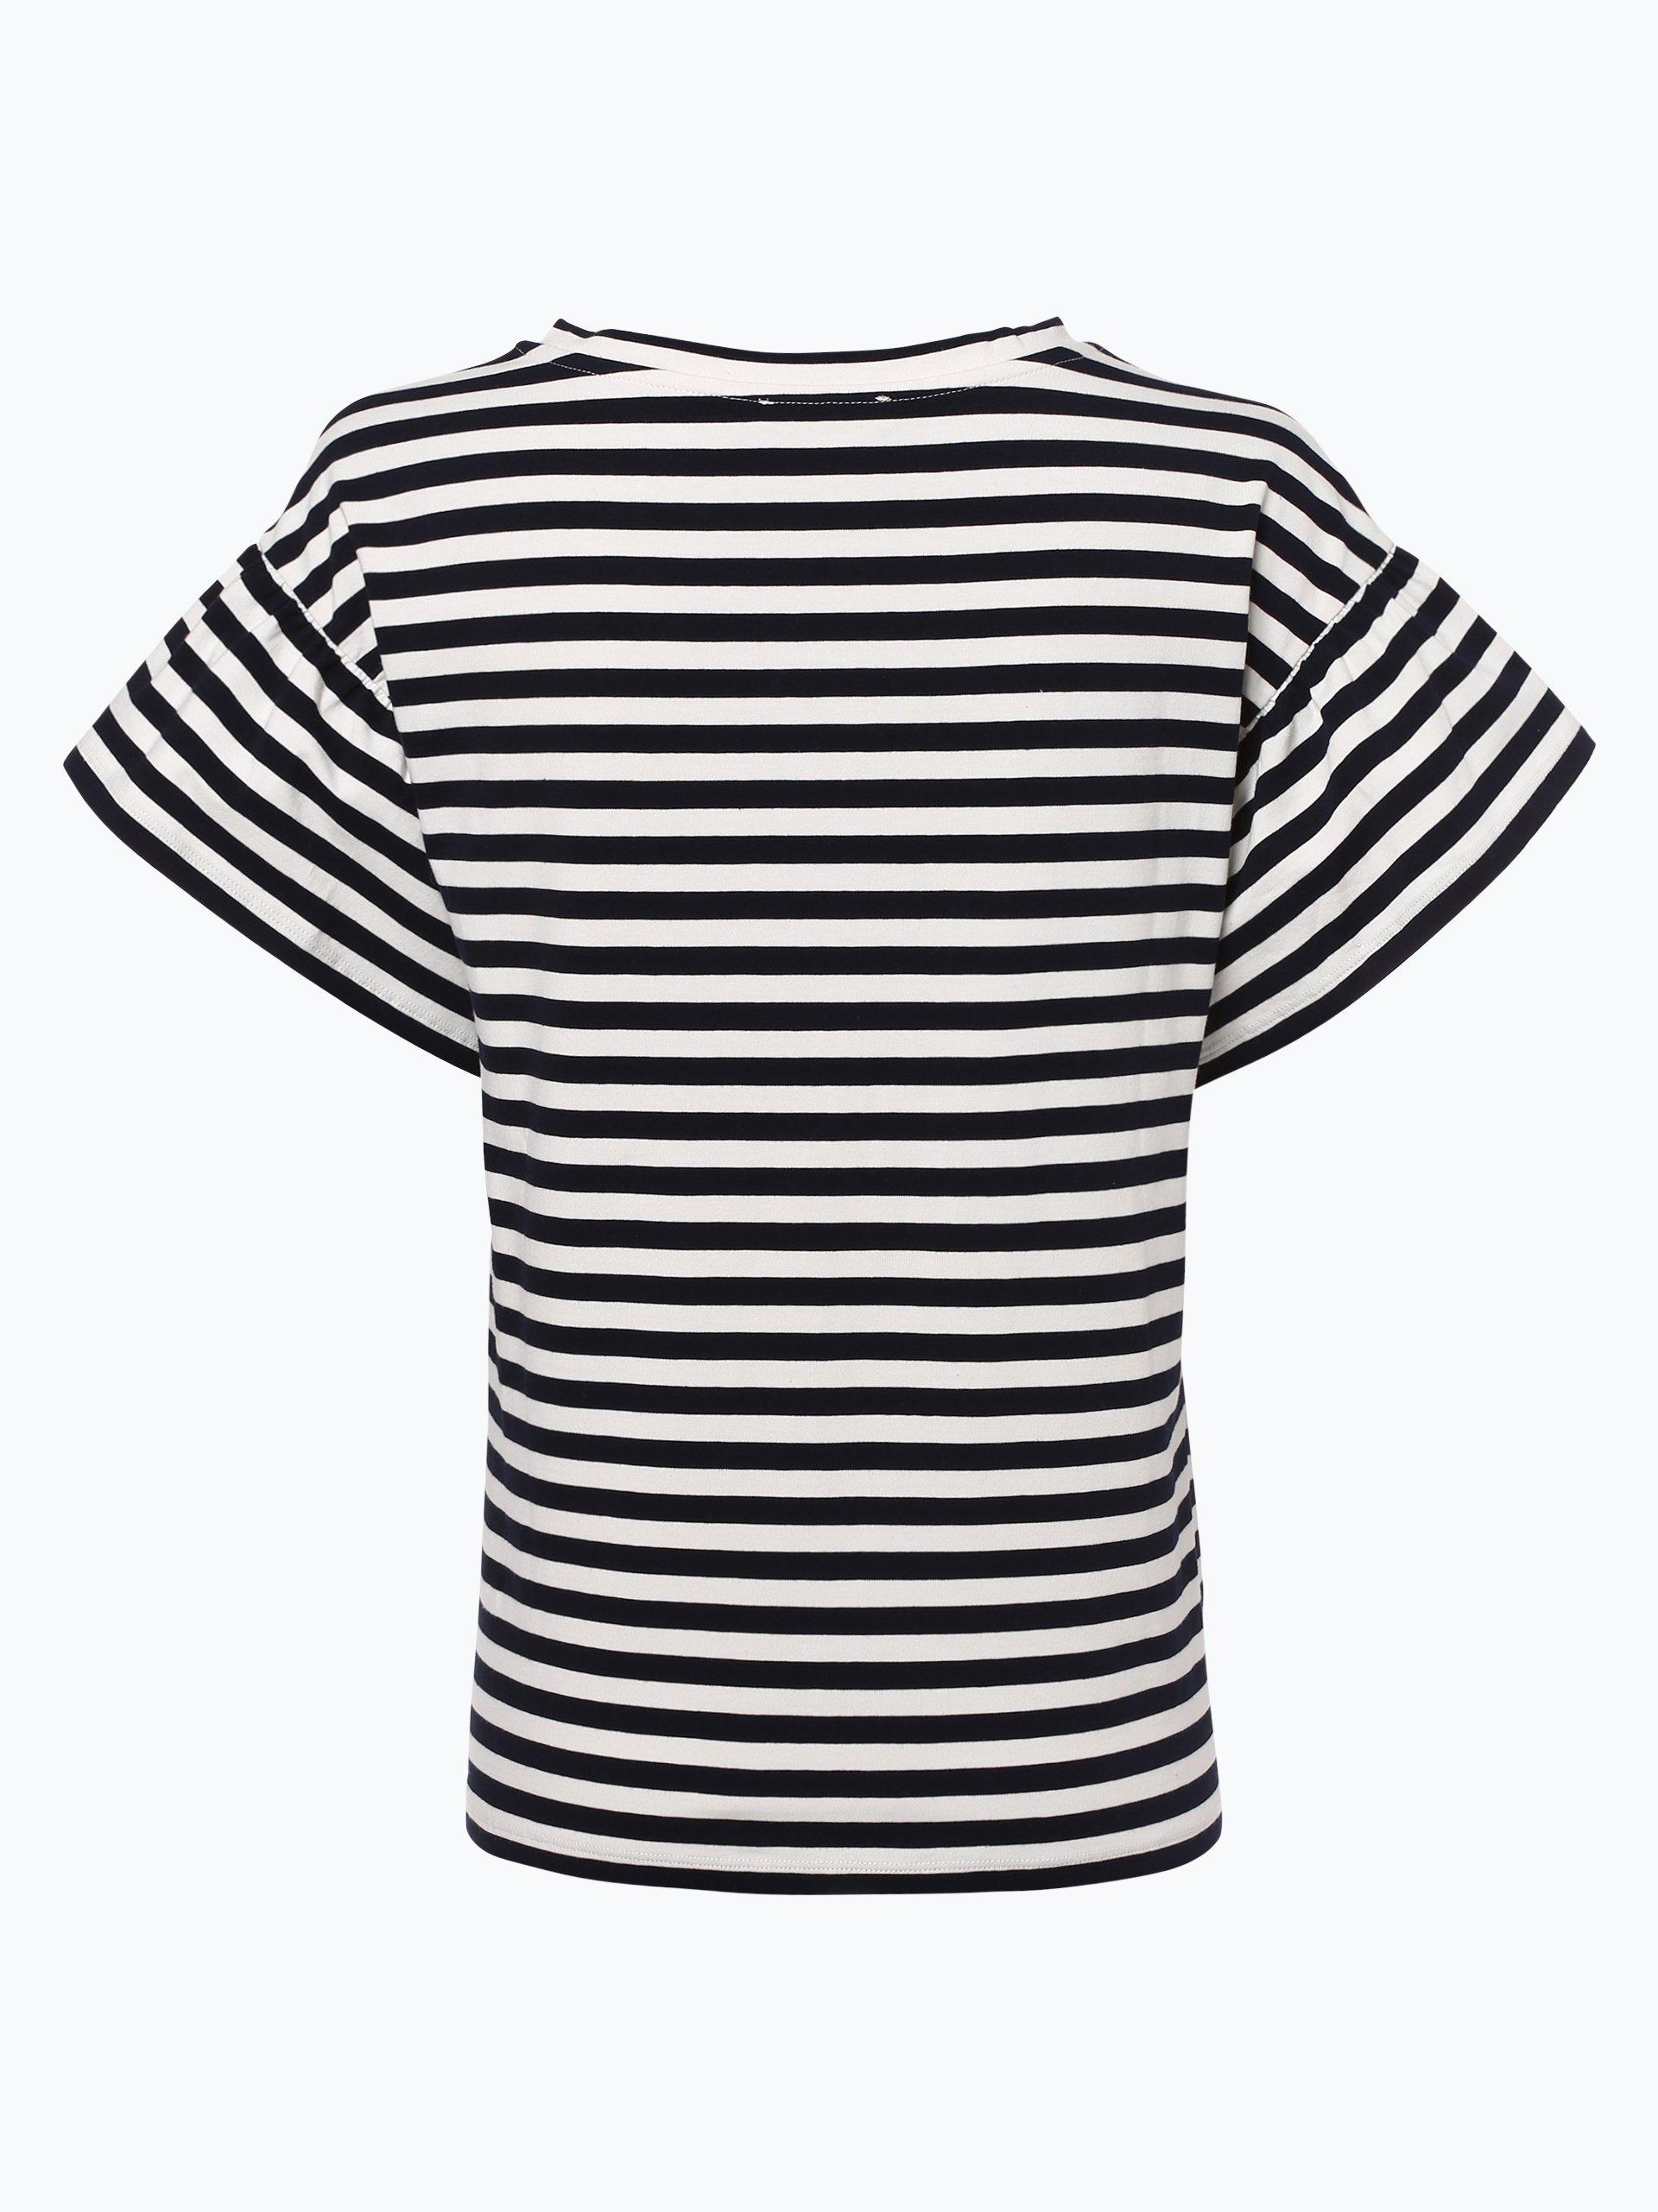 The mercer n y damen t shirt marine gestreift online for The mercer